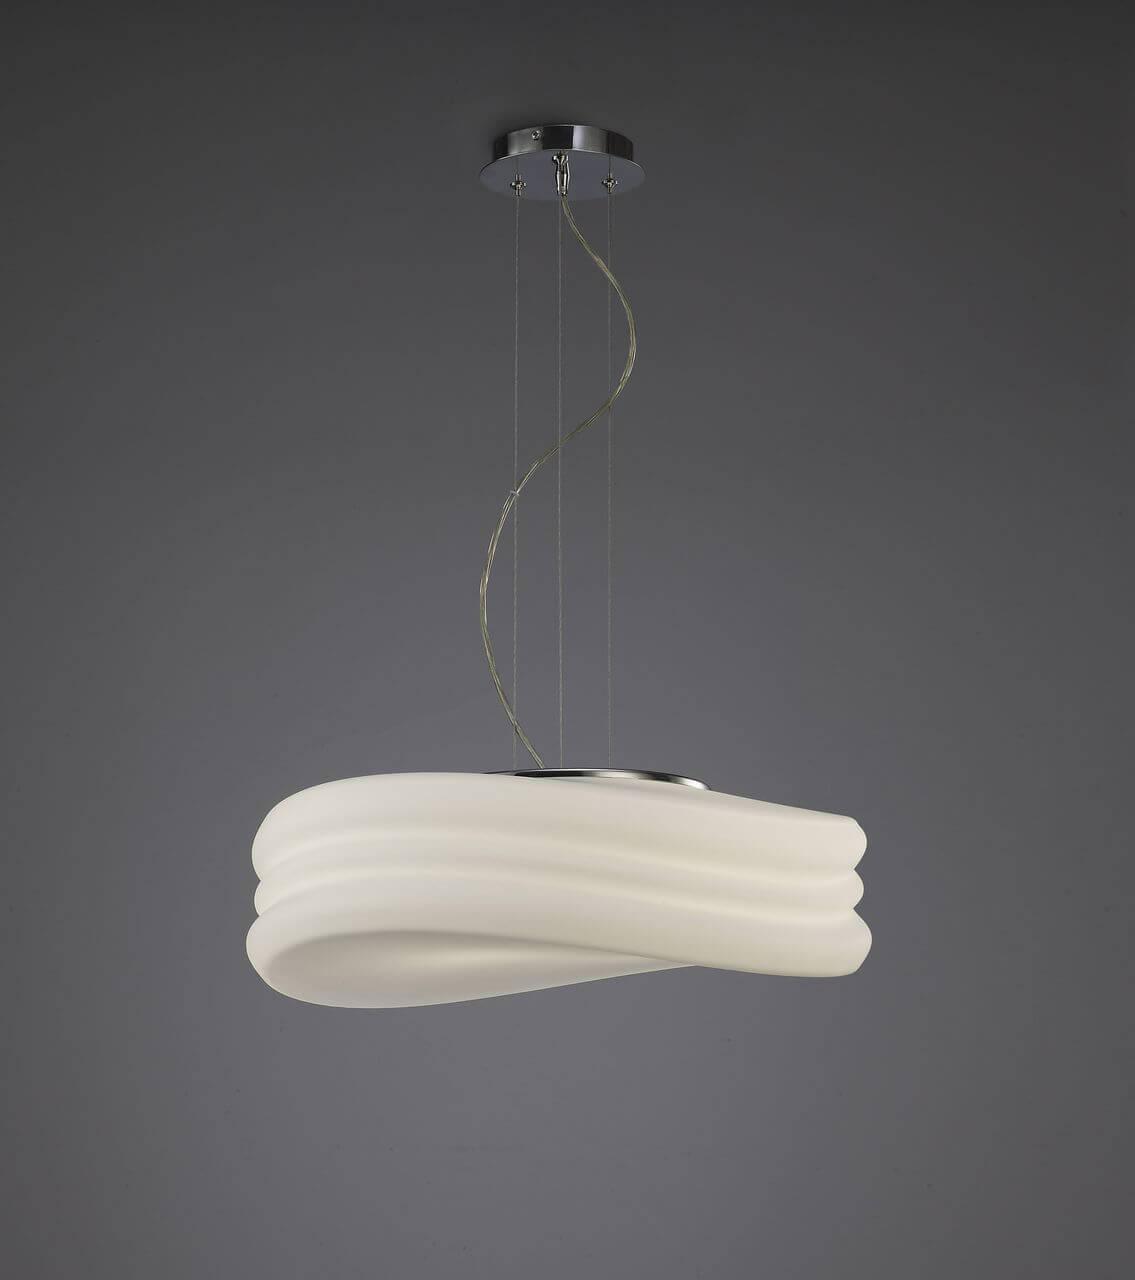 Подвесной светильник Mantra 3620, E27, 13 Вт цены